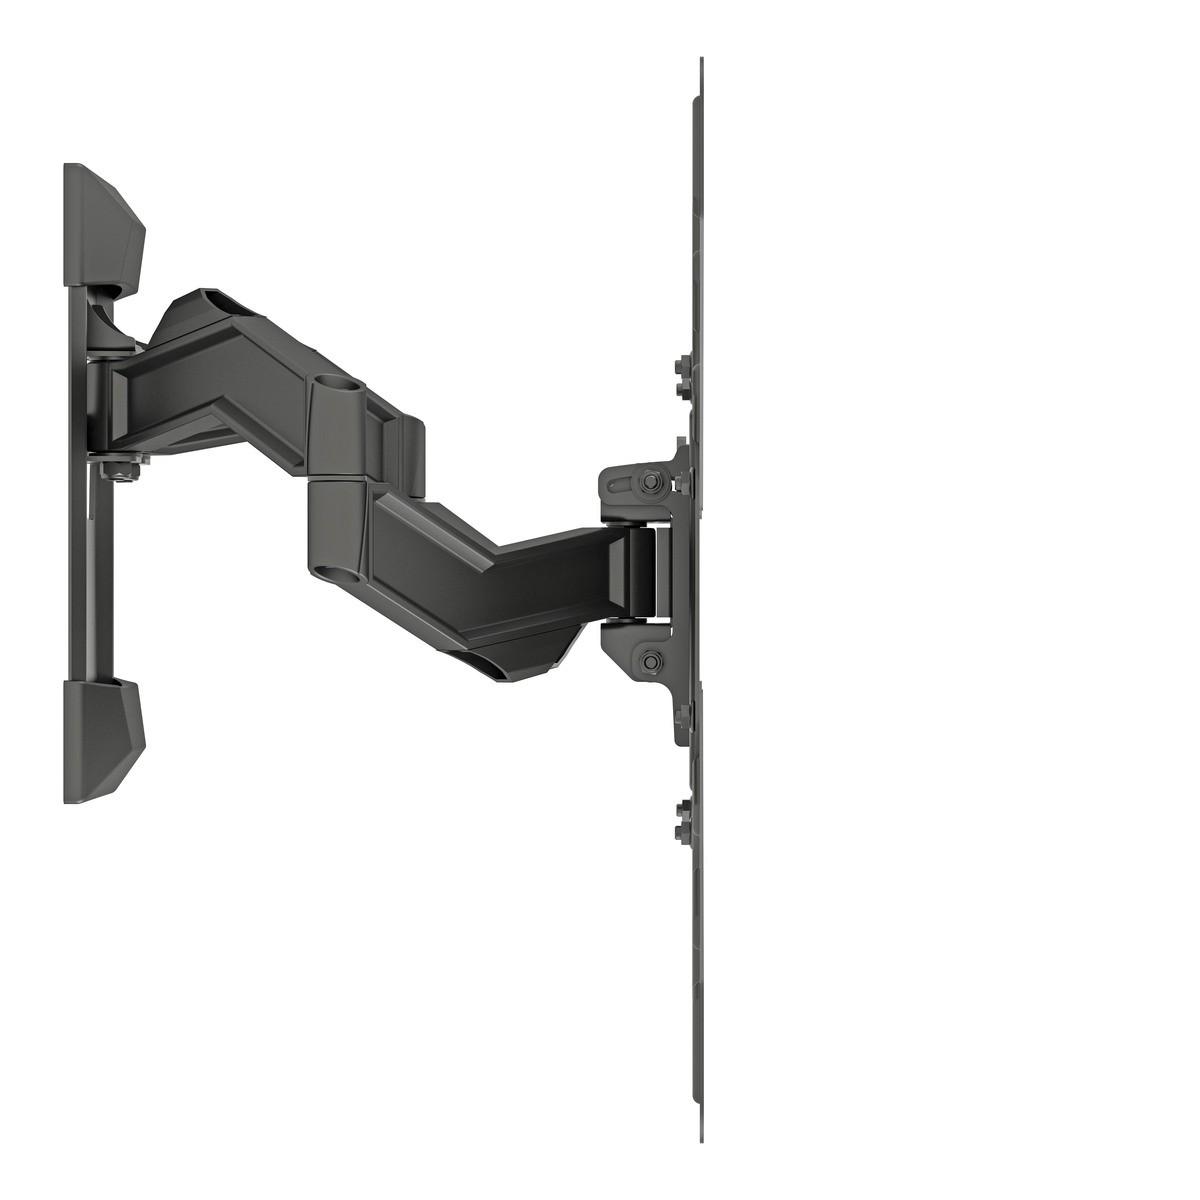 MI 5 PC Suporte tri-articulado com inclinação. Estrutura em alumínio, ate 65pol Cor: Preto